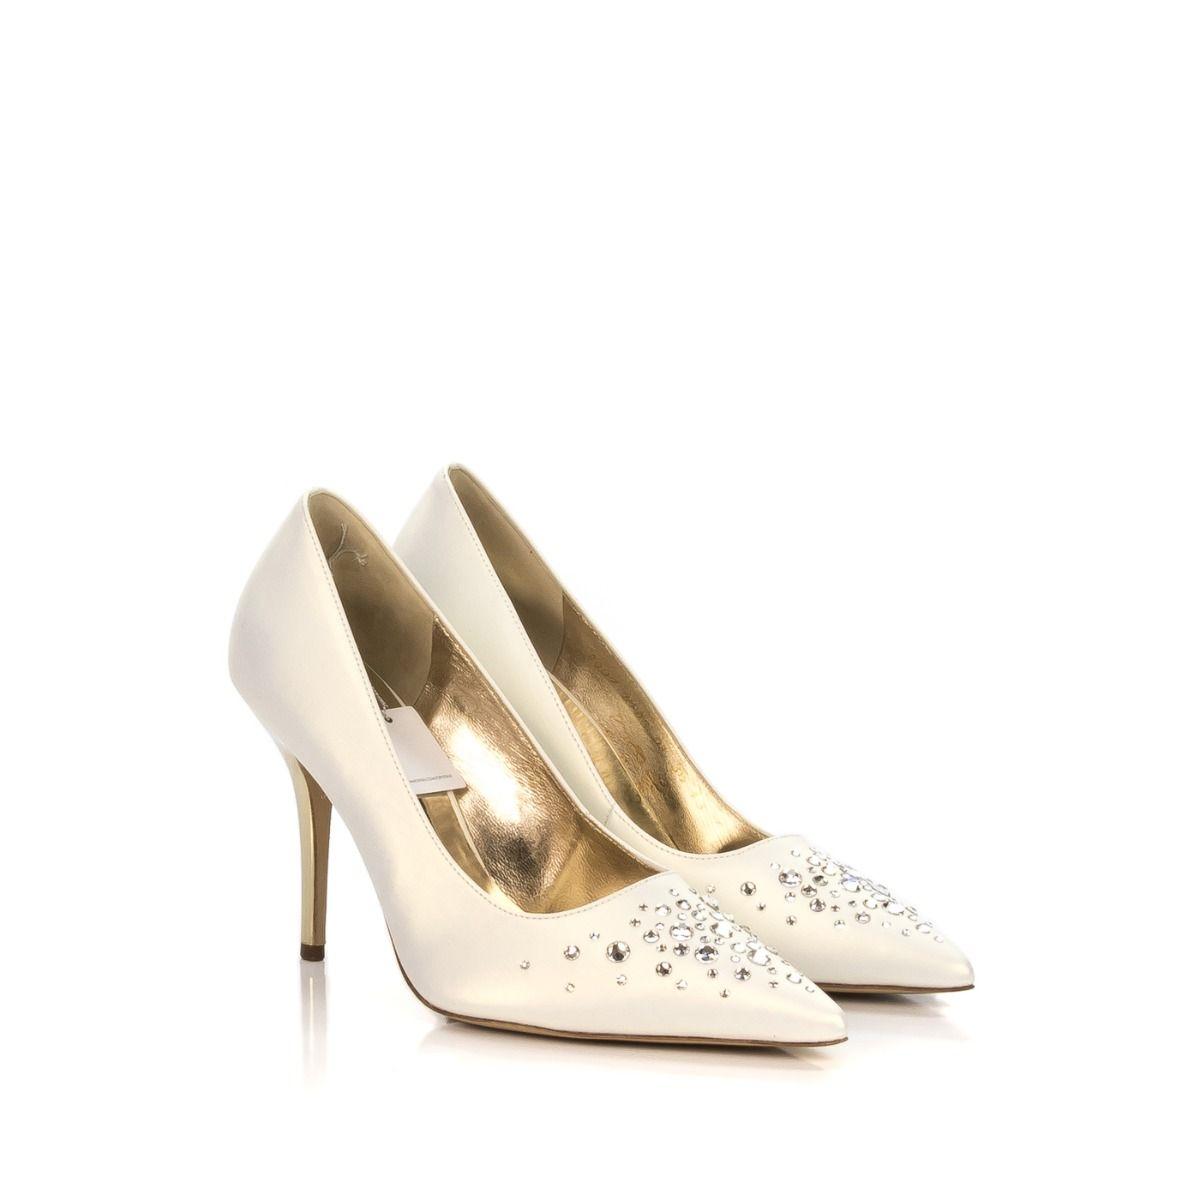 Scarpe Da Sposa Treviso.Decollete Da Donna Hogl 5109097 300 In Raso Bianco E Tacco Oro Con